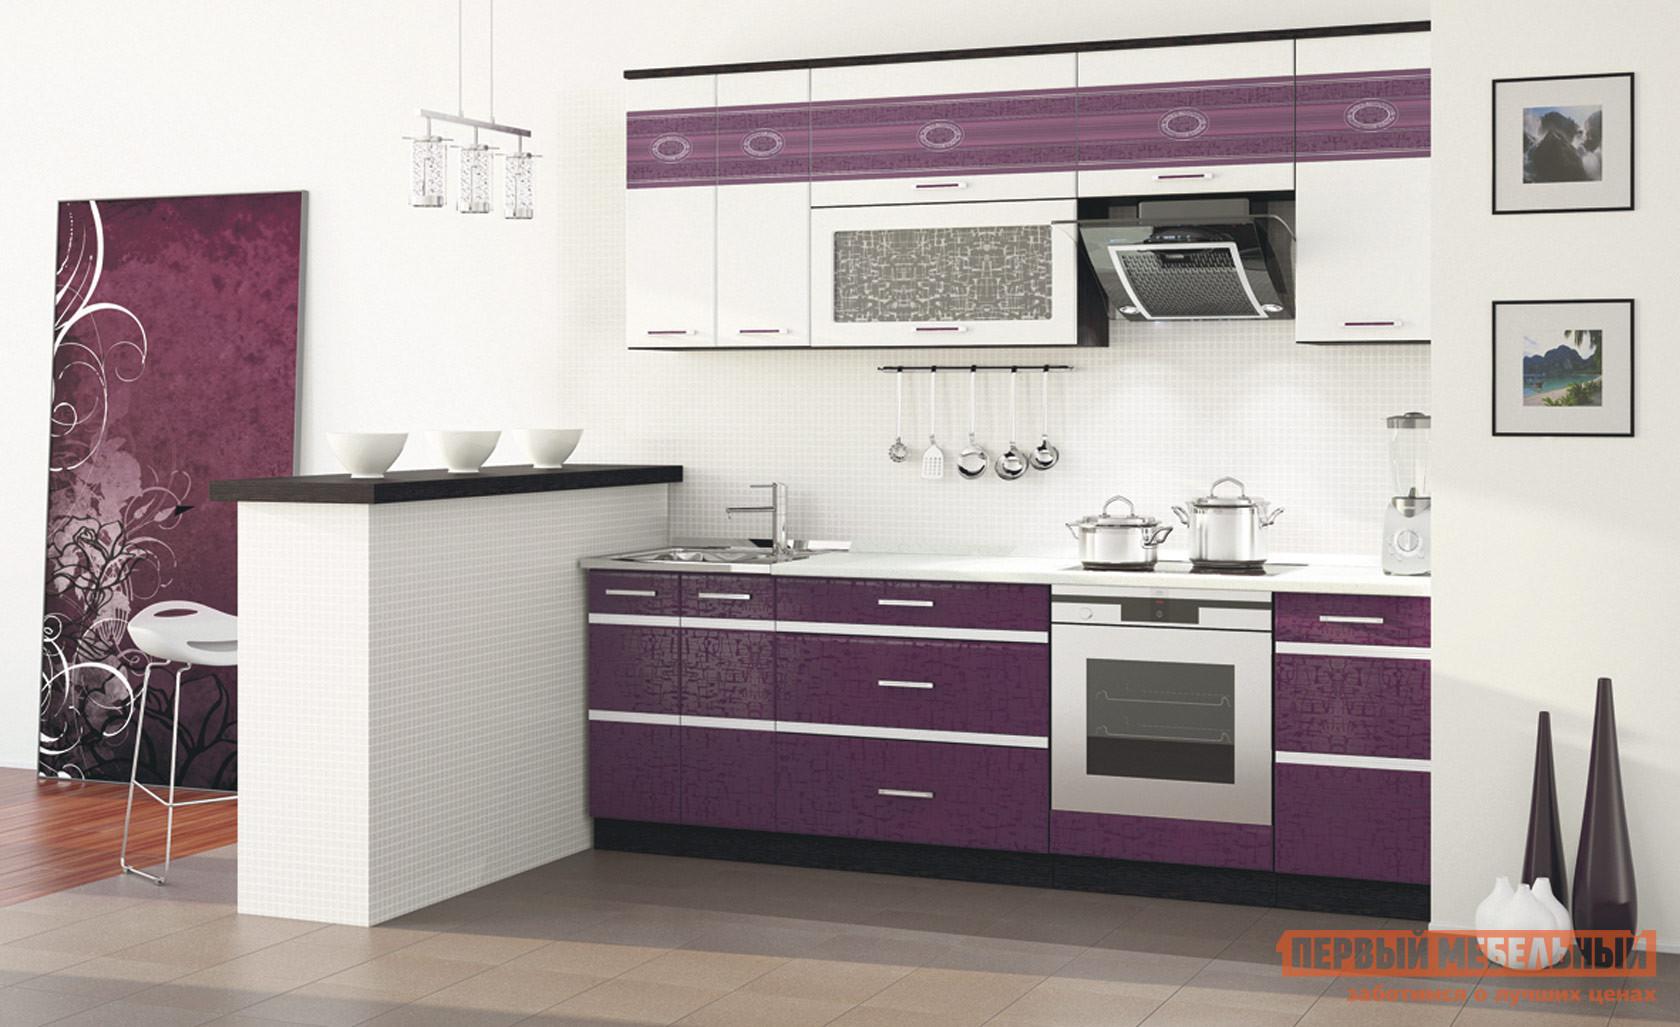 Комплект мебели для кухни Витра Палермо 240 комплект мебели для кухни витра палермо 300